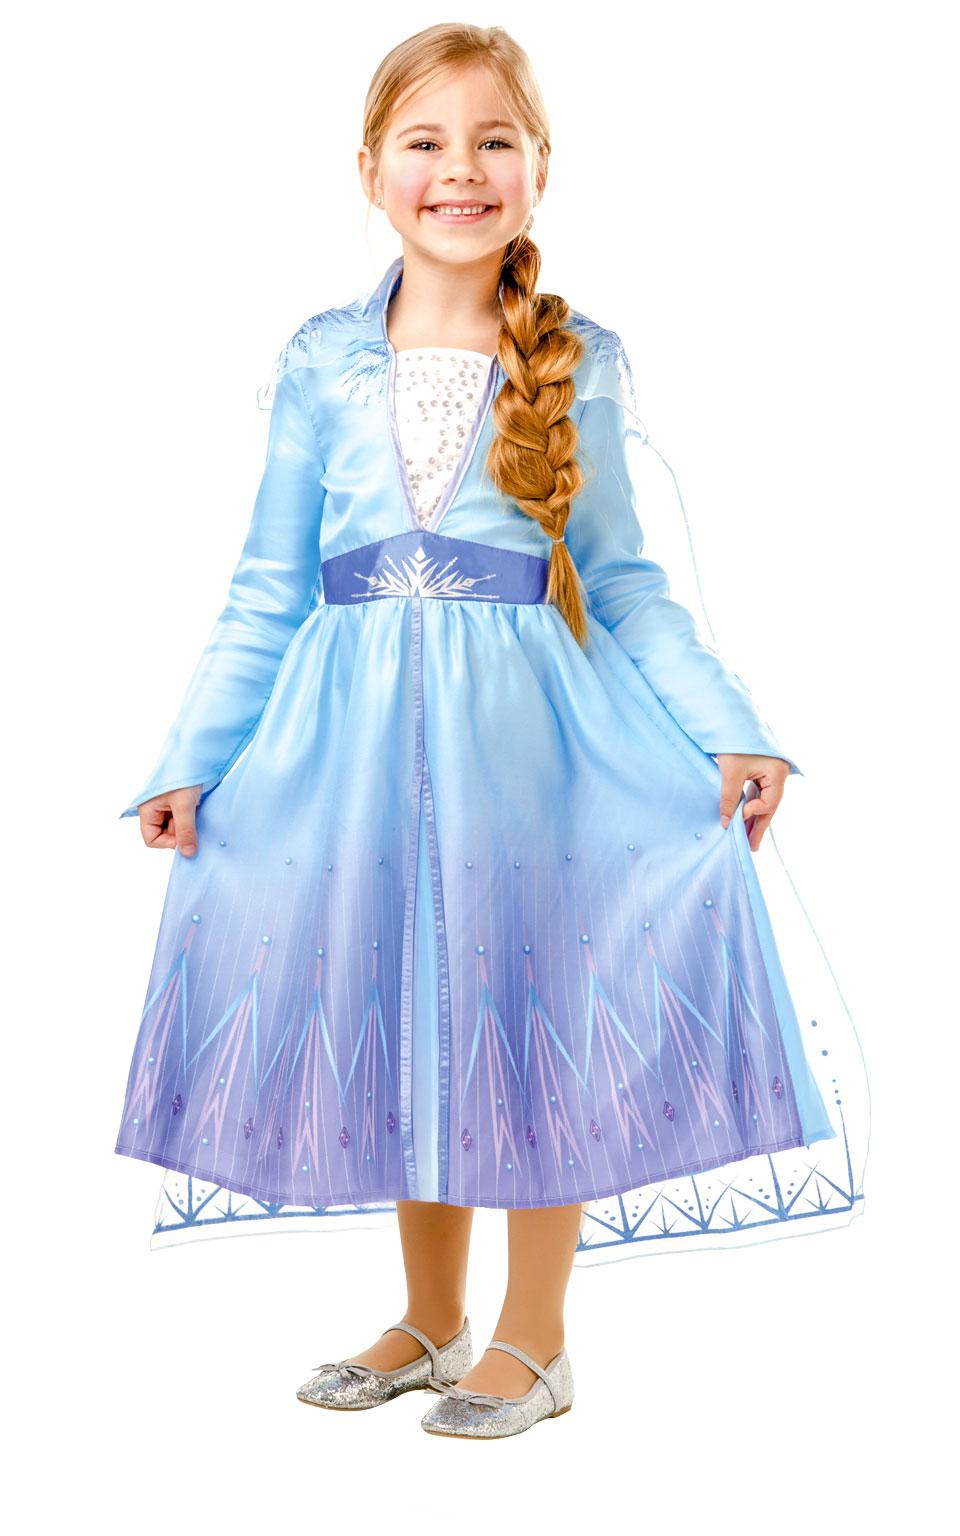 Rubies Detský kostým - Elsa (šaty) Veľkosť - deti: XS